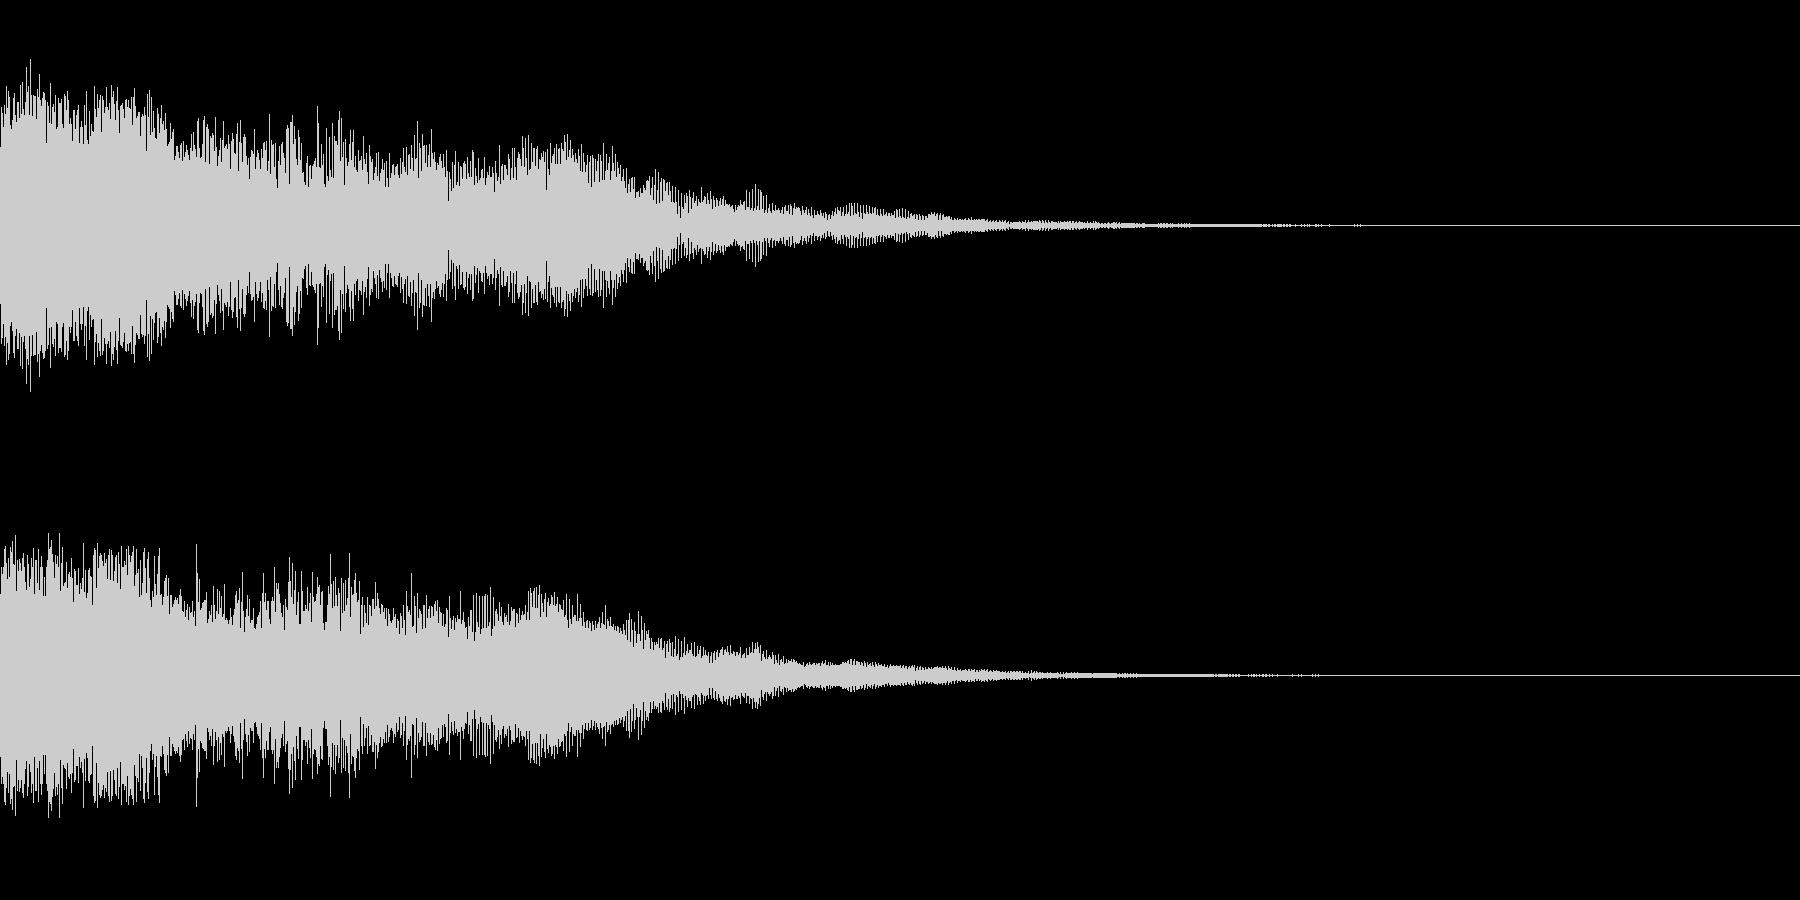 1つの動きで印象に残るOPタイトルの未再生の波形